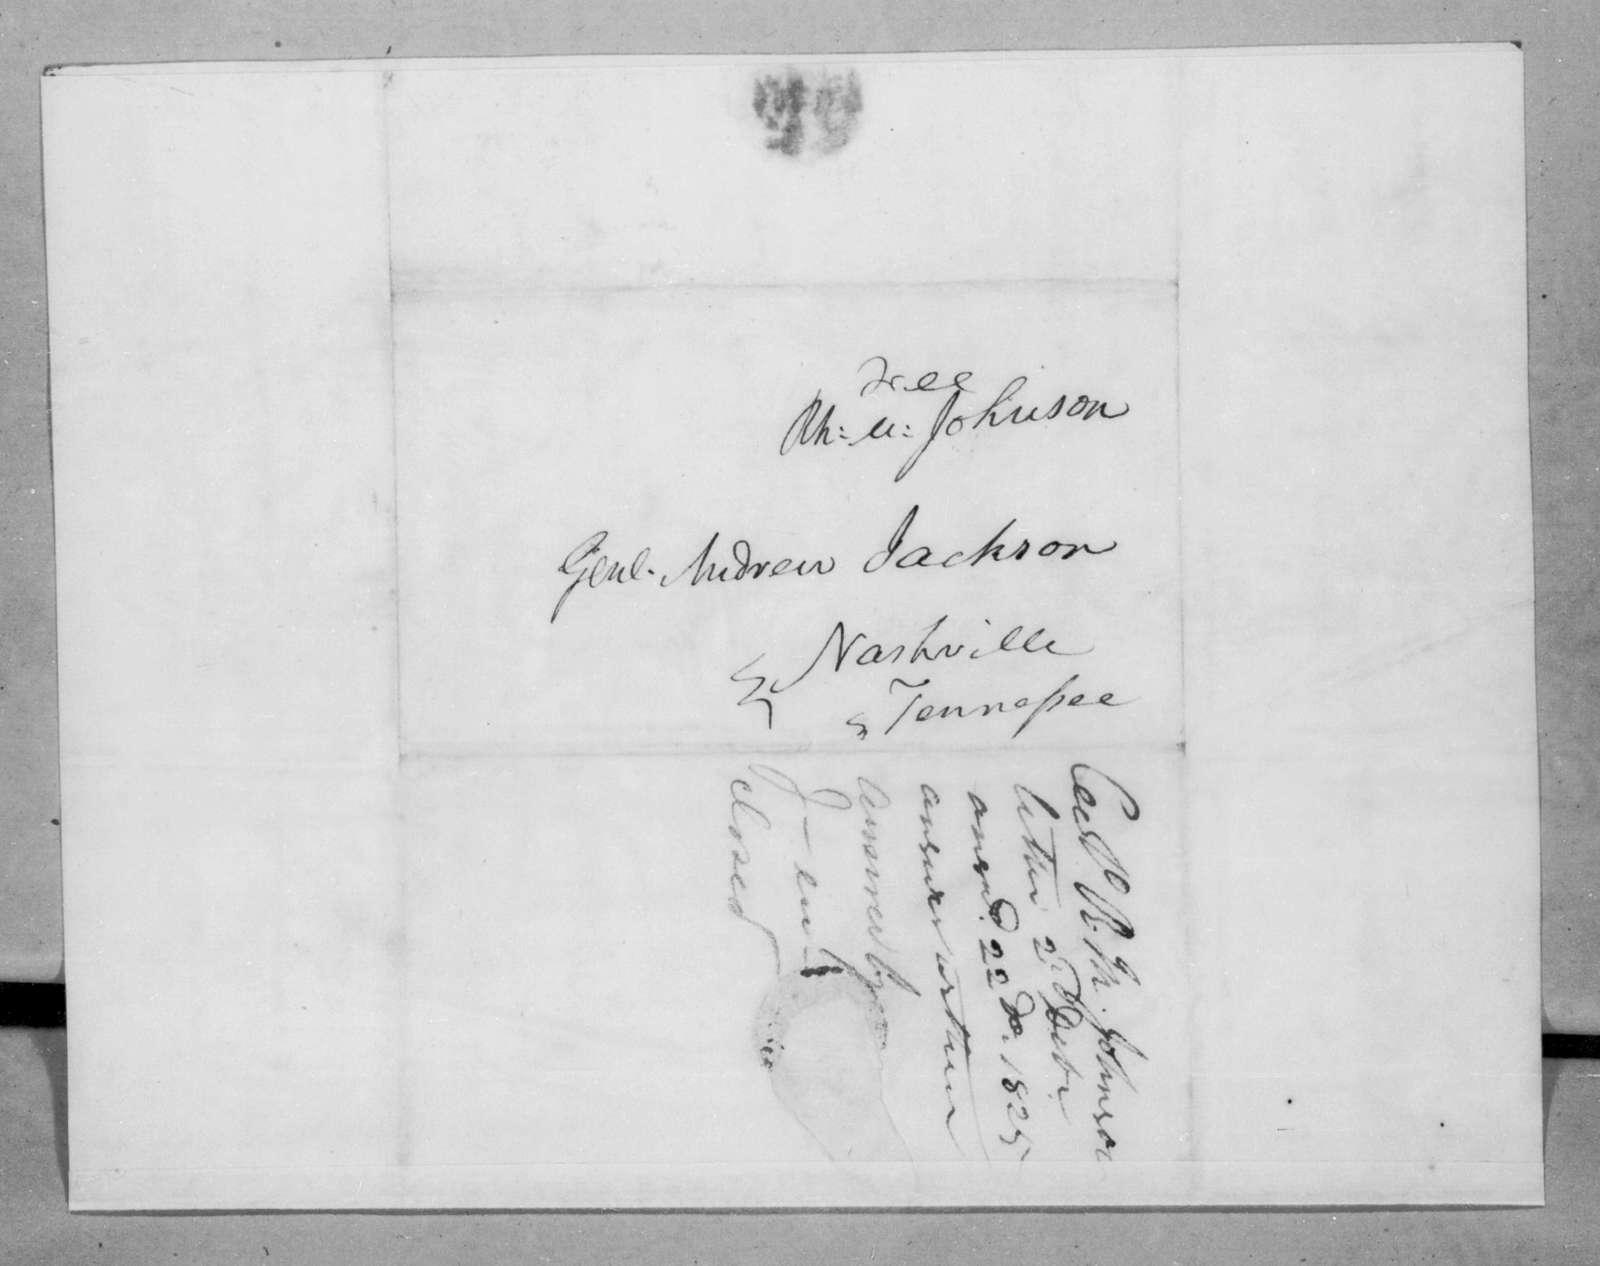 Richard Mentor Johnson to Andrew Jackson, December 2, 1825